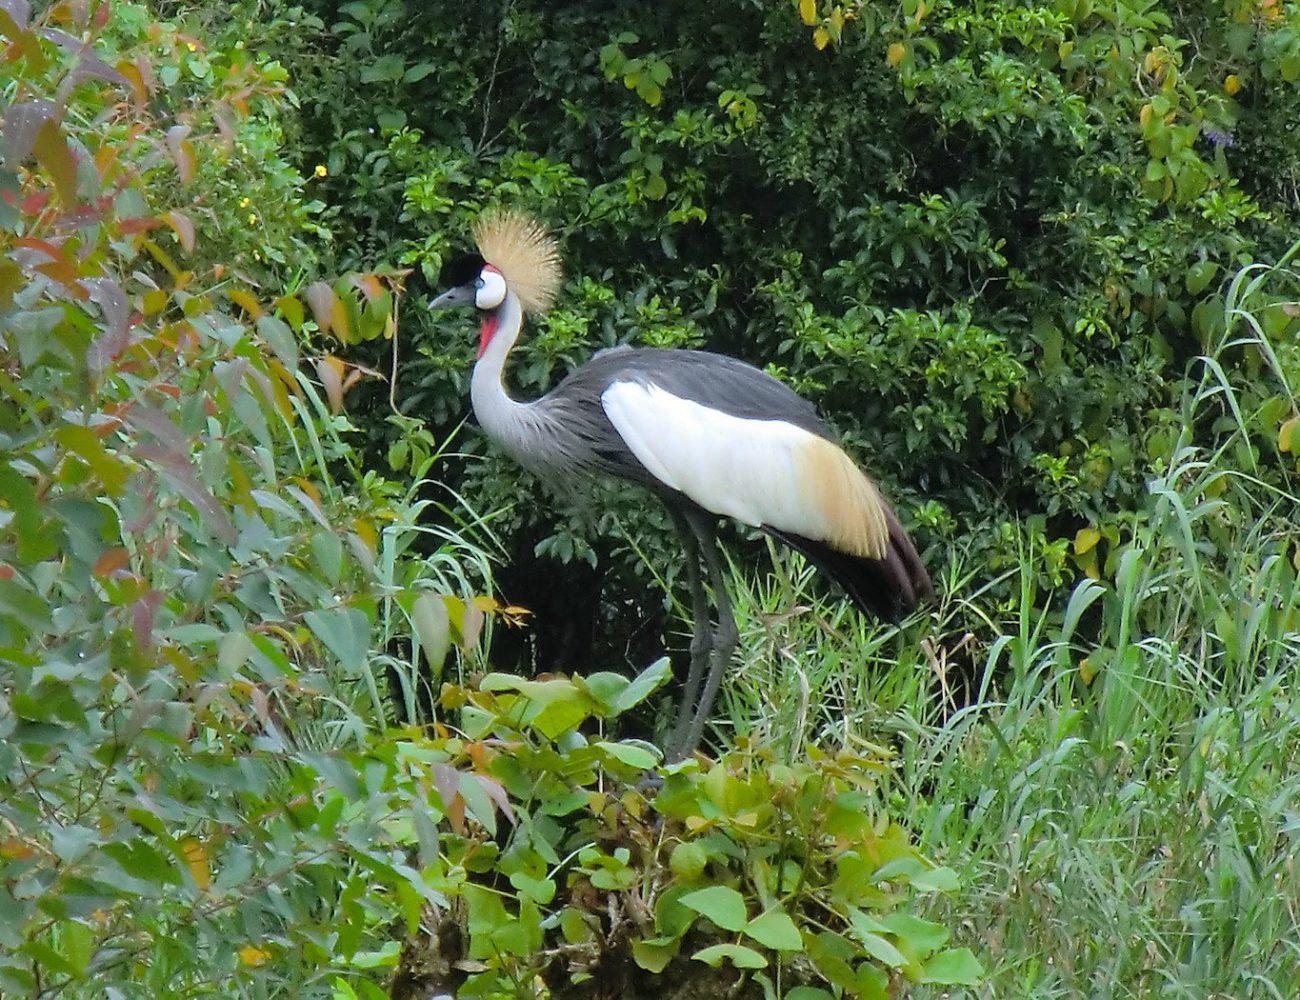 Der Kronenkranich, das Wappentier Ugandas